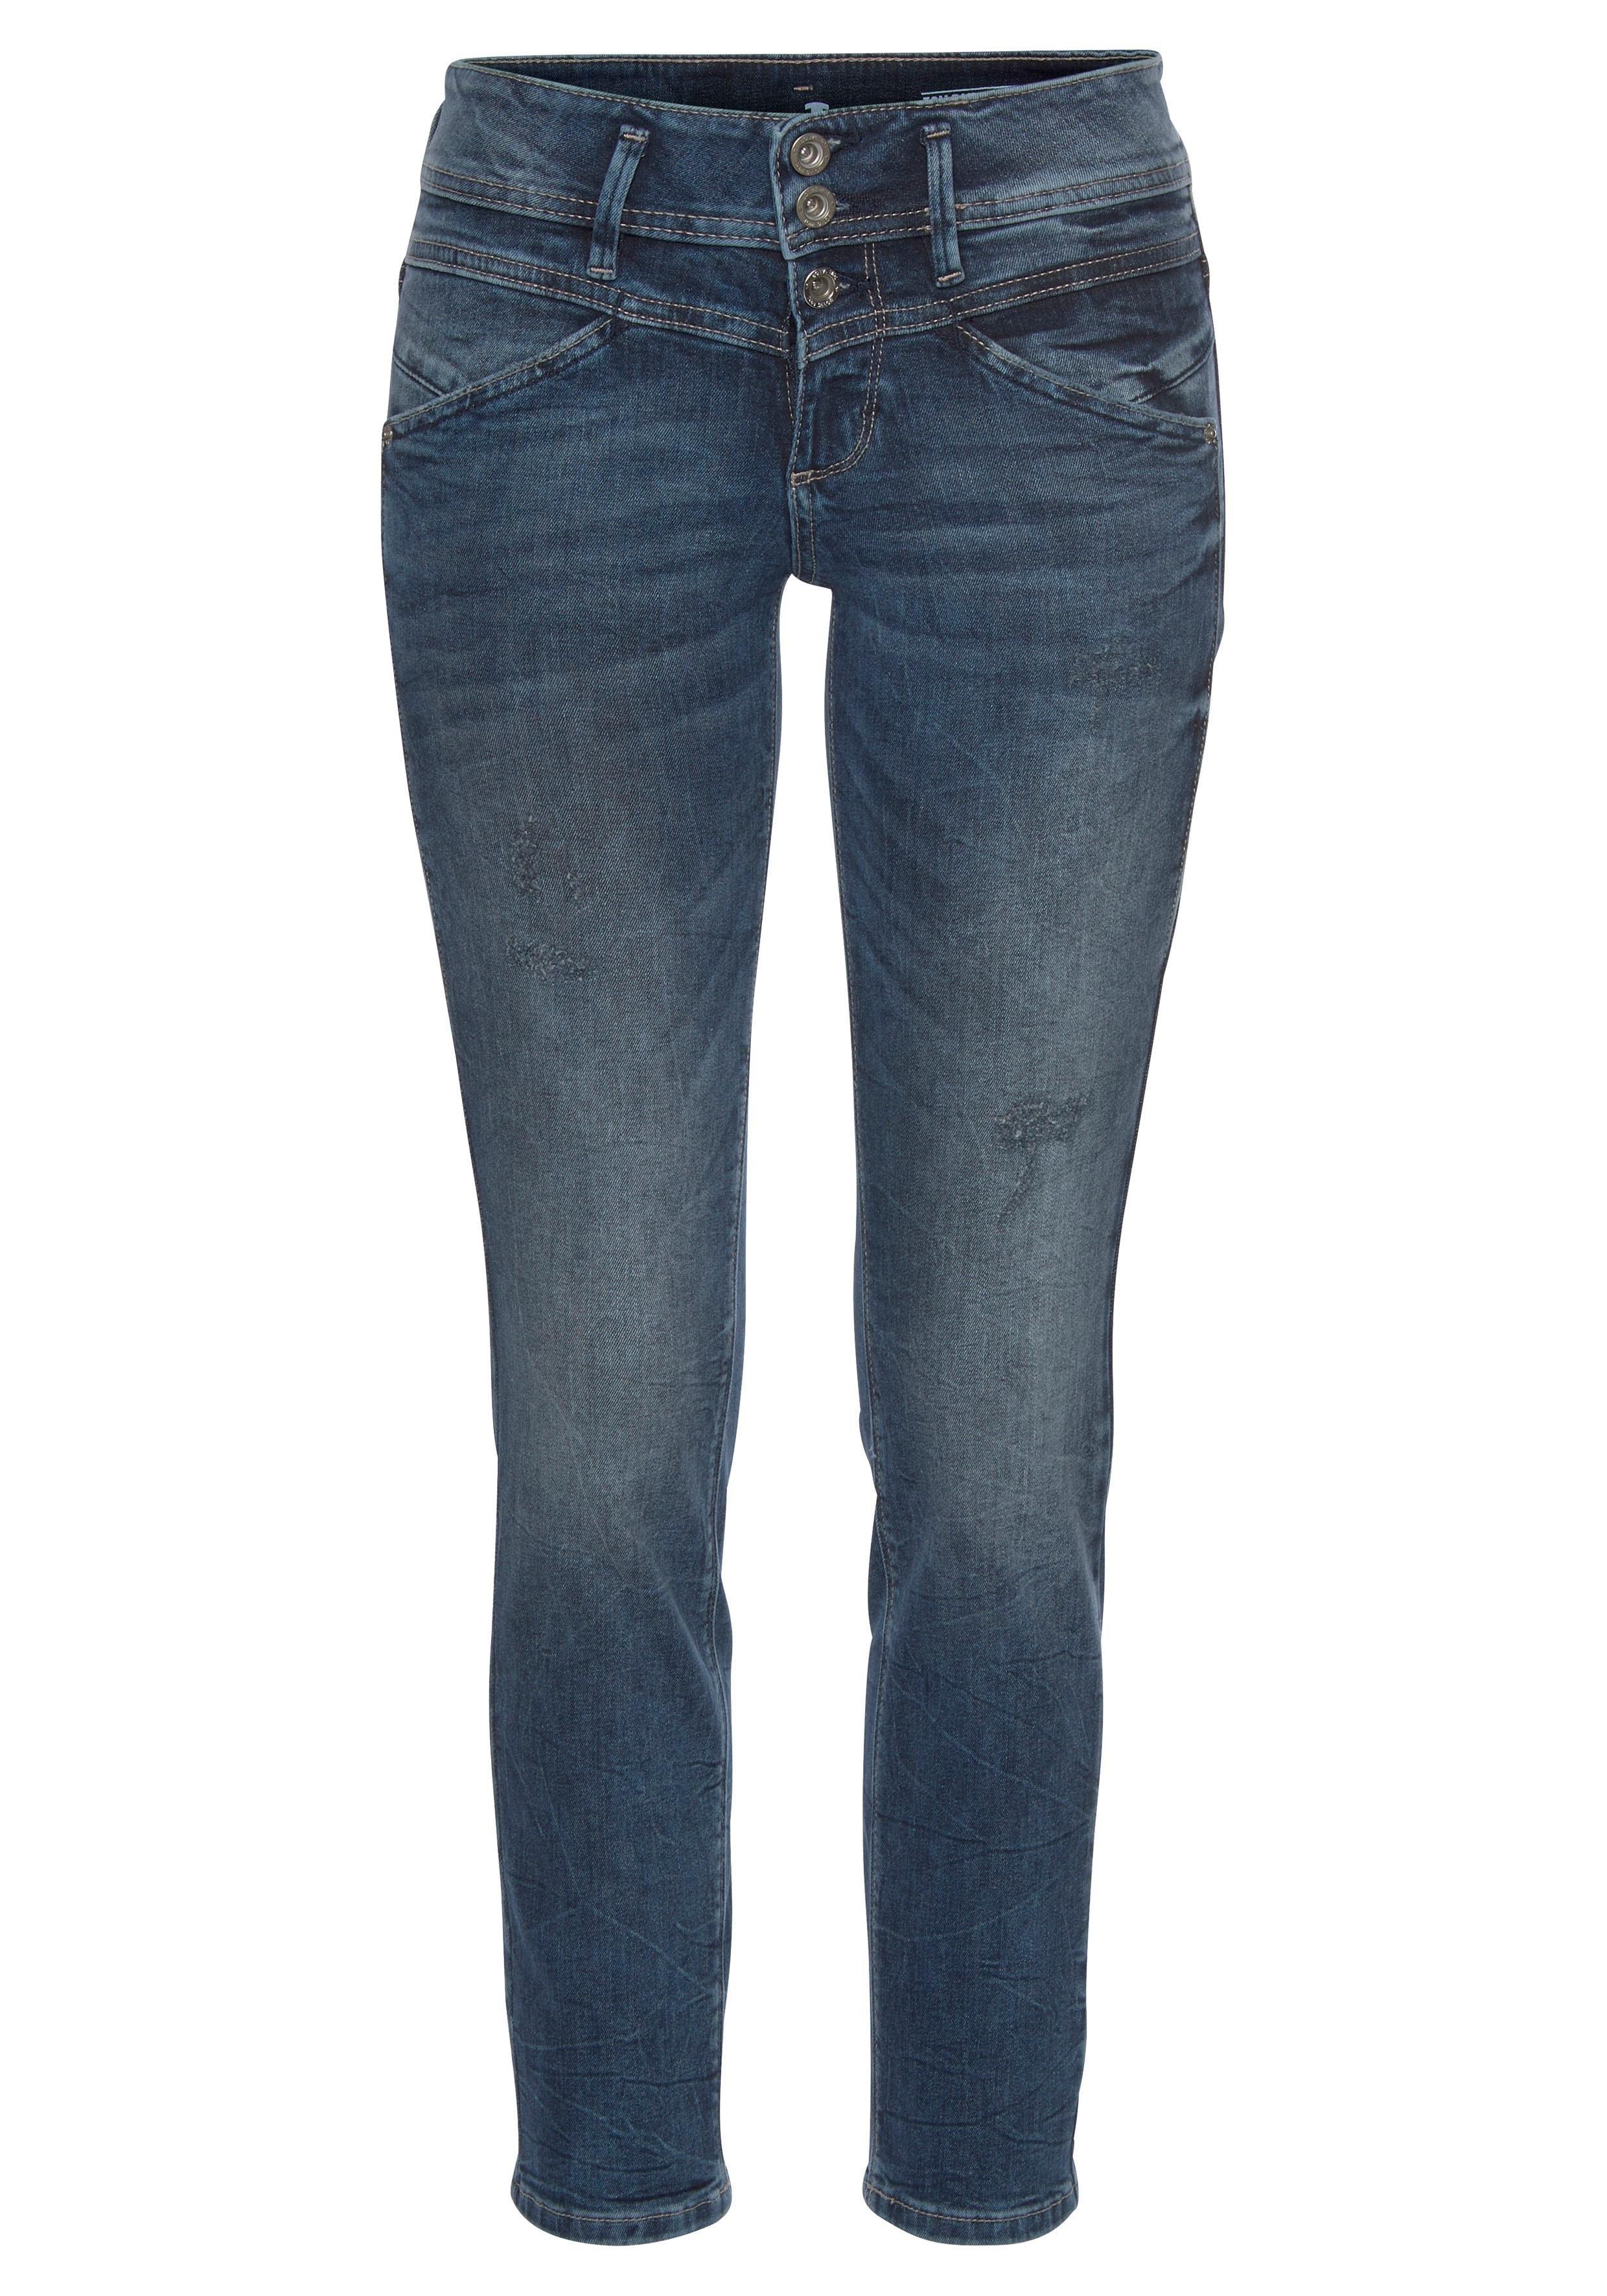 TOM TAILOR slim fit jeans »Alexa slim« online kopen op otto.nl